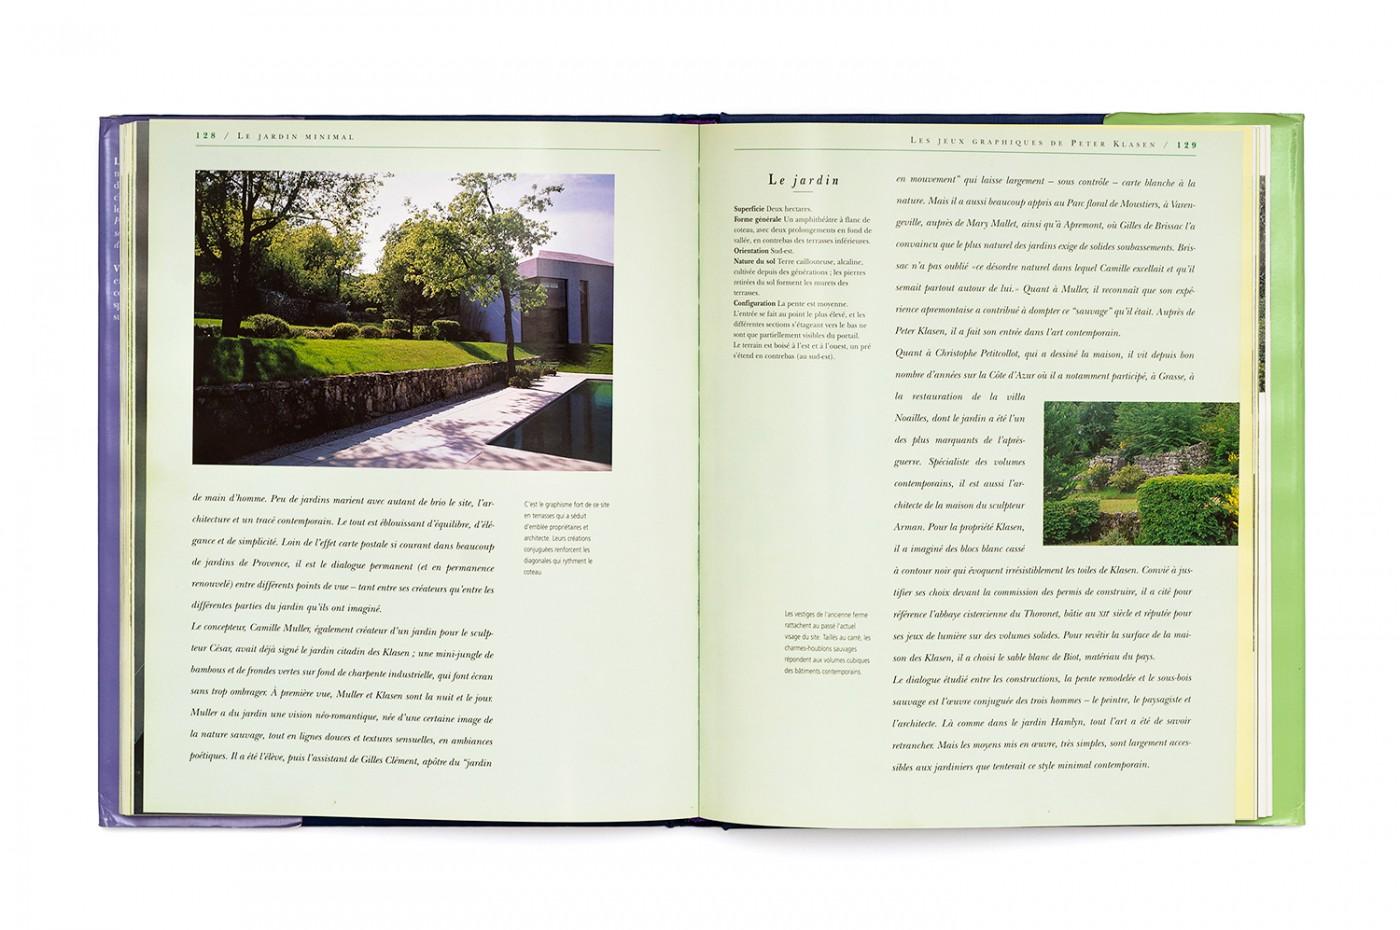 Nouvel esprit des jardins 3 1400x930